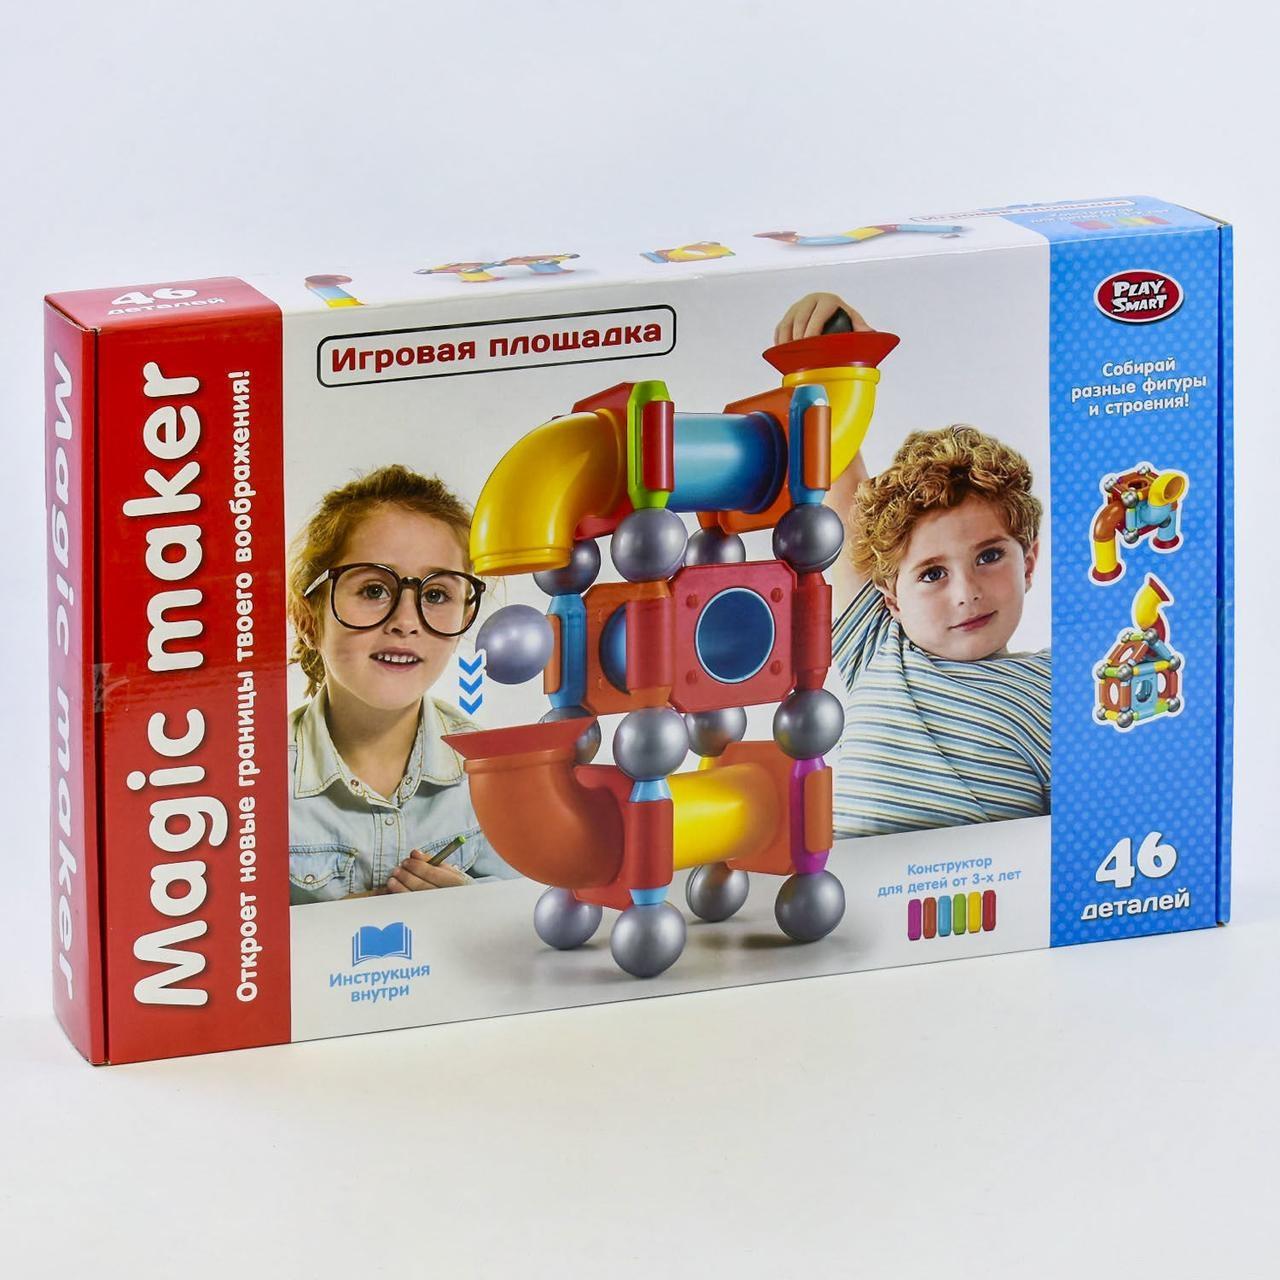 """Магнитный конструктор Play Smart 2442 Magic Maker """"Игровая площадка"""", 46 дет"""